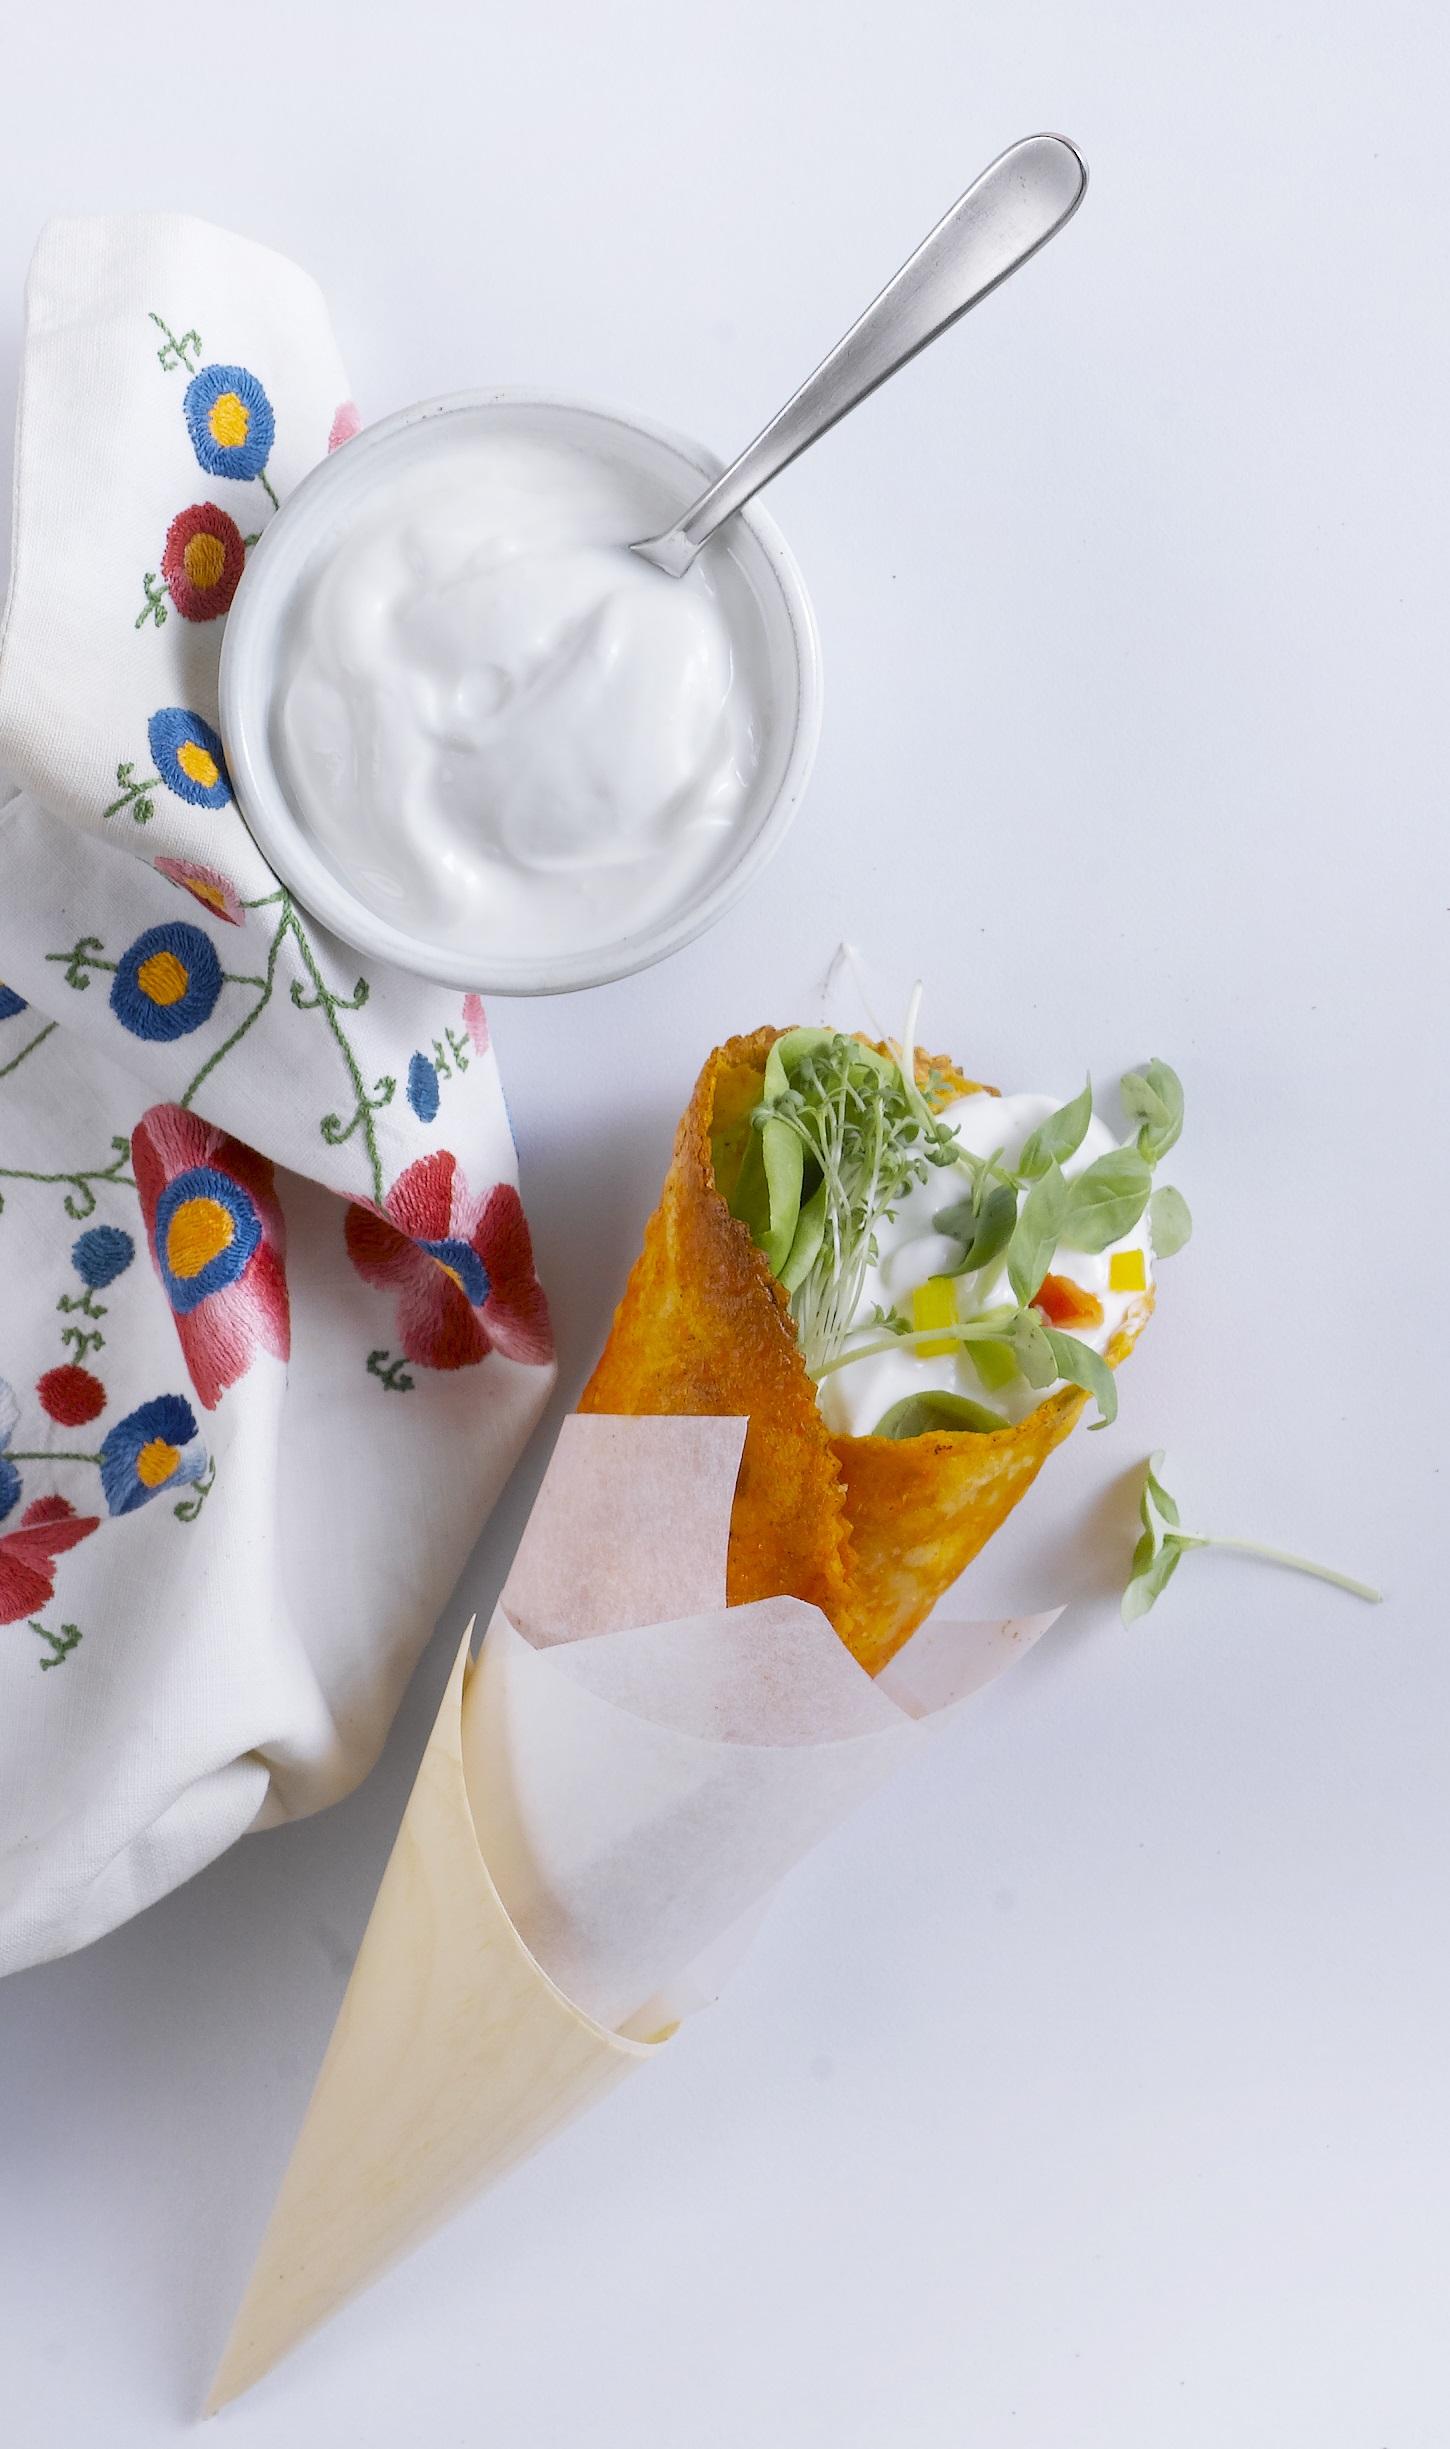 חיפשתם ייחודיות? קונוס טורטיה במילוי גבינות